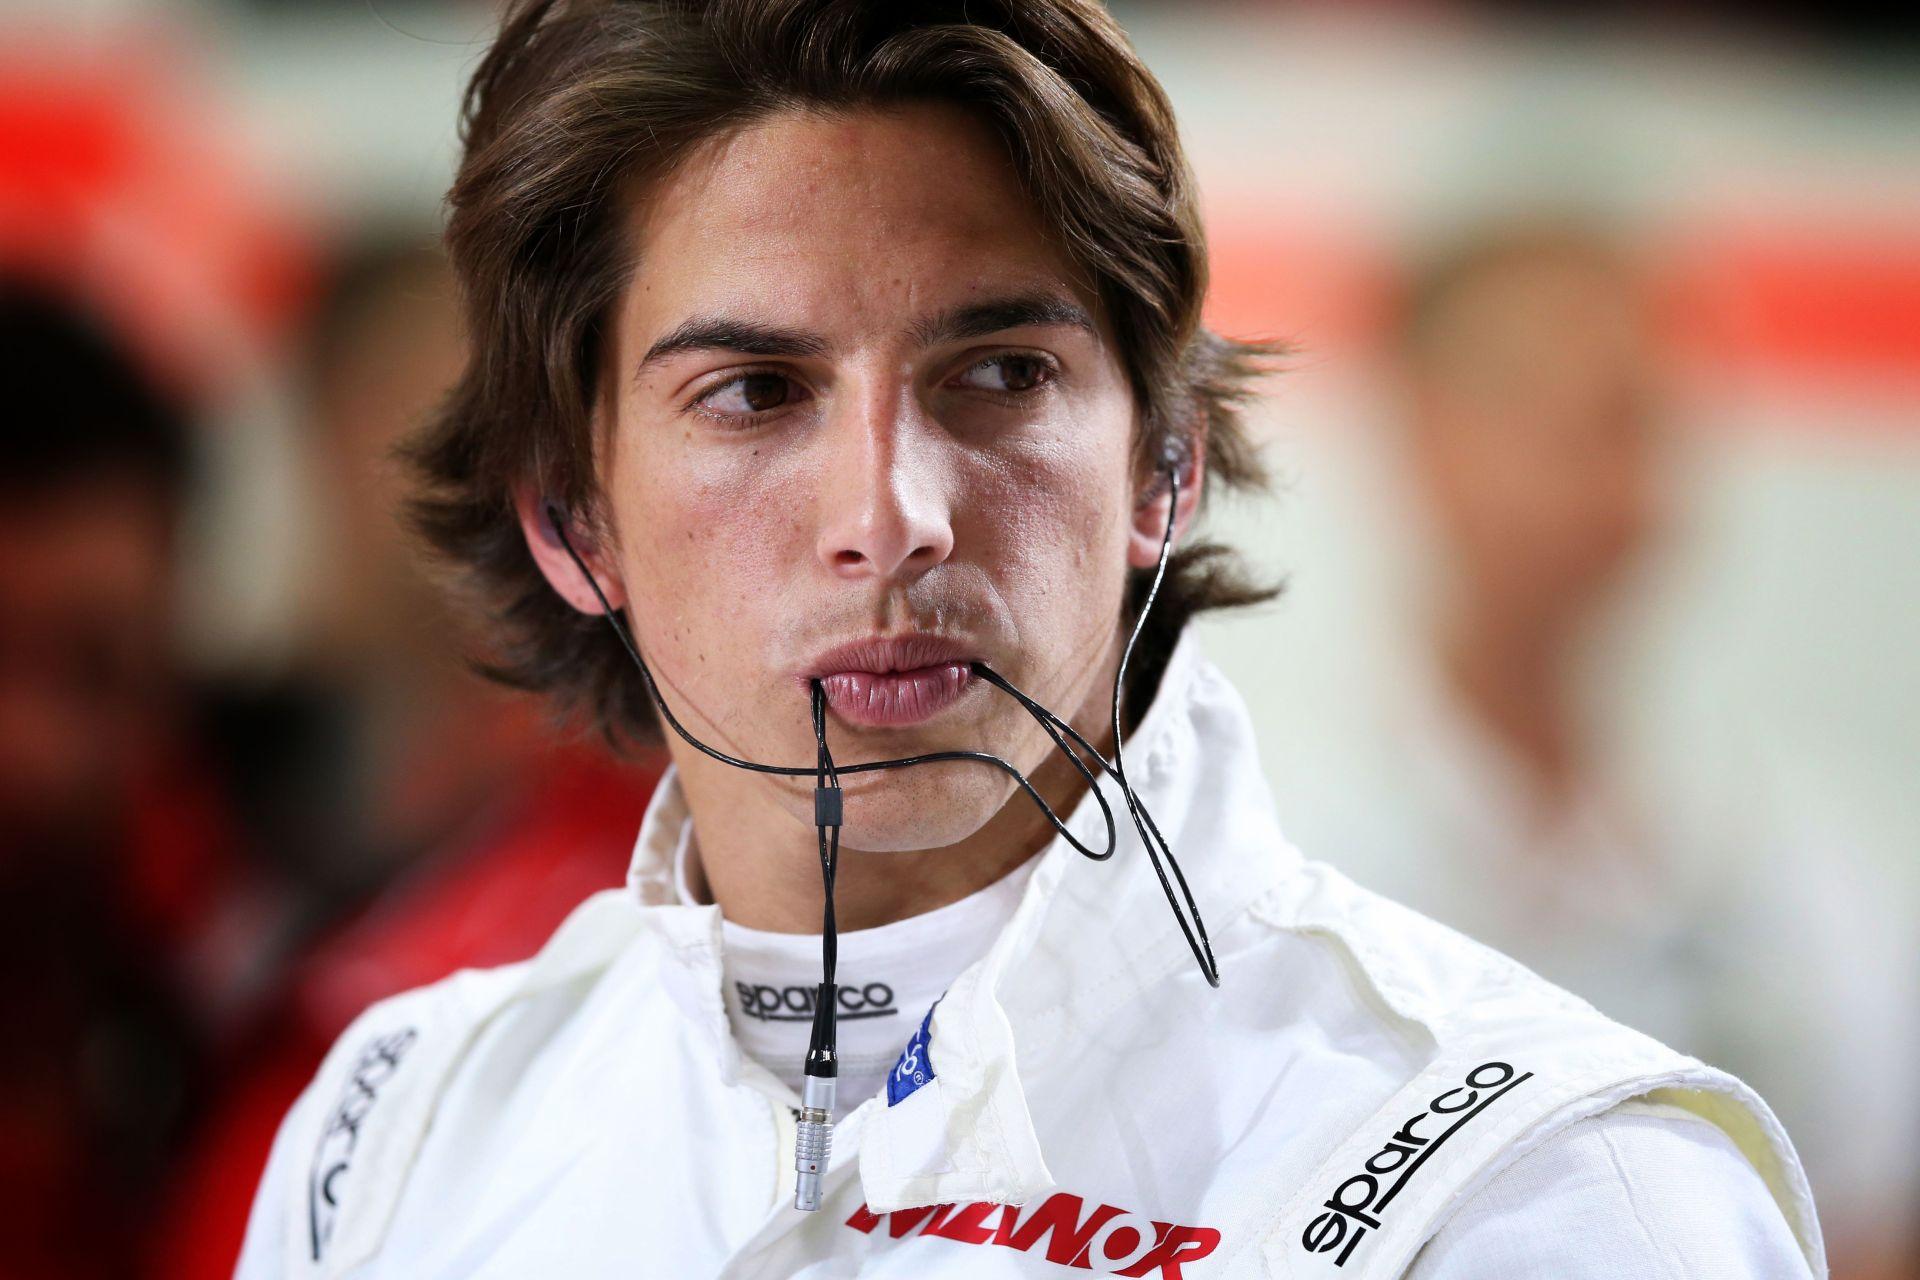 Merhi bevallotta: A Spanyol Nagydíj lehet az utolsó számára a Manor F1 Team-nél